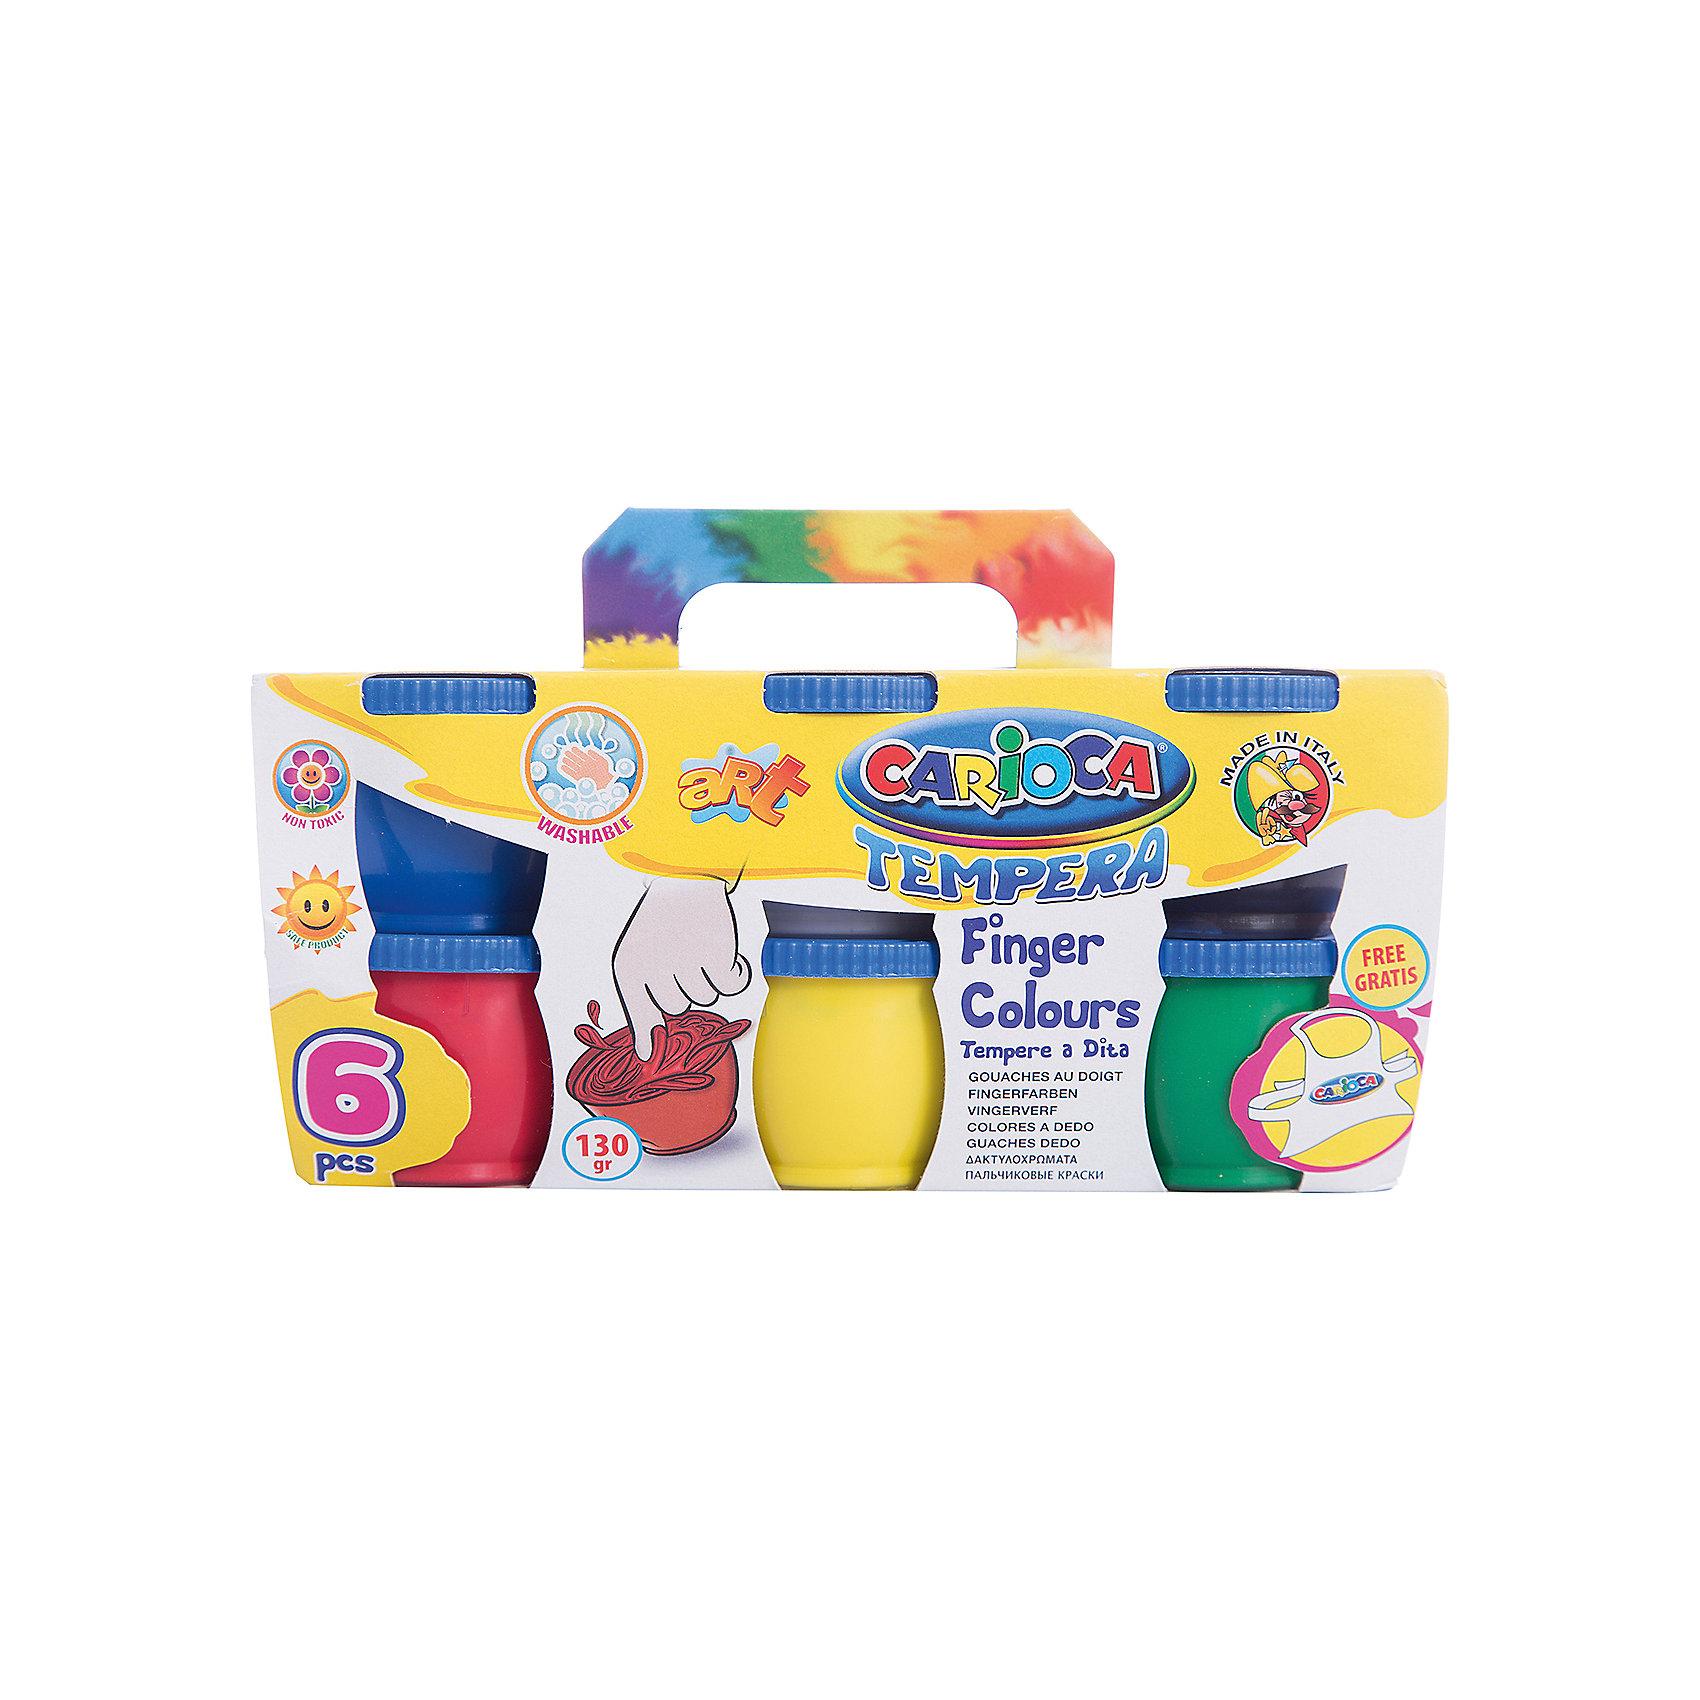 CARIOCA Краски пальчиковые 6 цветовПальчиковые краски<br>Характеристики товара:<br><br>• в комплекте: 6 баночек с краской (6 цветов);<br>• фартук в комплекте;<br>• объем баночки: 135 грамм;<br>• размер упаковки: 10х10х17 см;<br>• вес: 667 грамм;<br>• возраст: от 3 лет.<br><br>Пальчиковые краски подходят даже для самых маленьких художников. Для рисования не нужны кисти, ведь рисовать можно руками, пальчиками или даже ножками. В набор от CARIOCA входят 6 баночек с краской. Оттенки можно смешивать для получения новых, насыщенных цветов. После рисования краски быстро смываются водой, не оставляя следов.<br><br>В комплект входит фартук, защищающий одежду малыша от загрязнений. Краски изготовлены из экологически чистых материалов, безопасных для детей.<br><br>CARIOCA (Кариока) Краски пальчиковые 6 цветов можно купить в нашем интернет-магазине.<br><br>Ширина мм: 170<br>Глубина мм: 100<br>Высота мм: 100<br>Вес г: 667<br>Возраст от месяцев: 36<br>Возраст до месяцев: 168<br>Пол: Унисекс<br>Возраст: Детский<br>SKU: 6859004